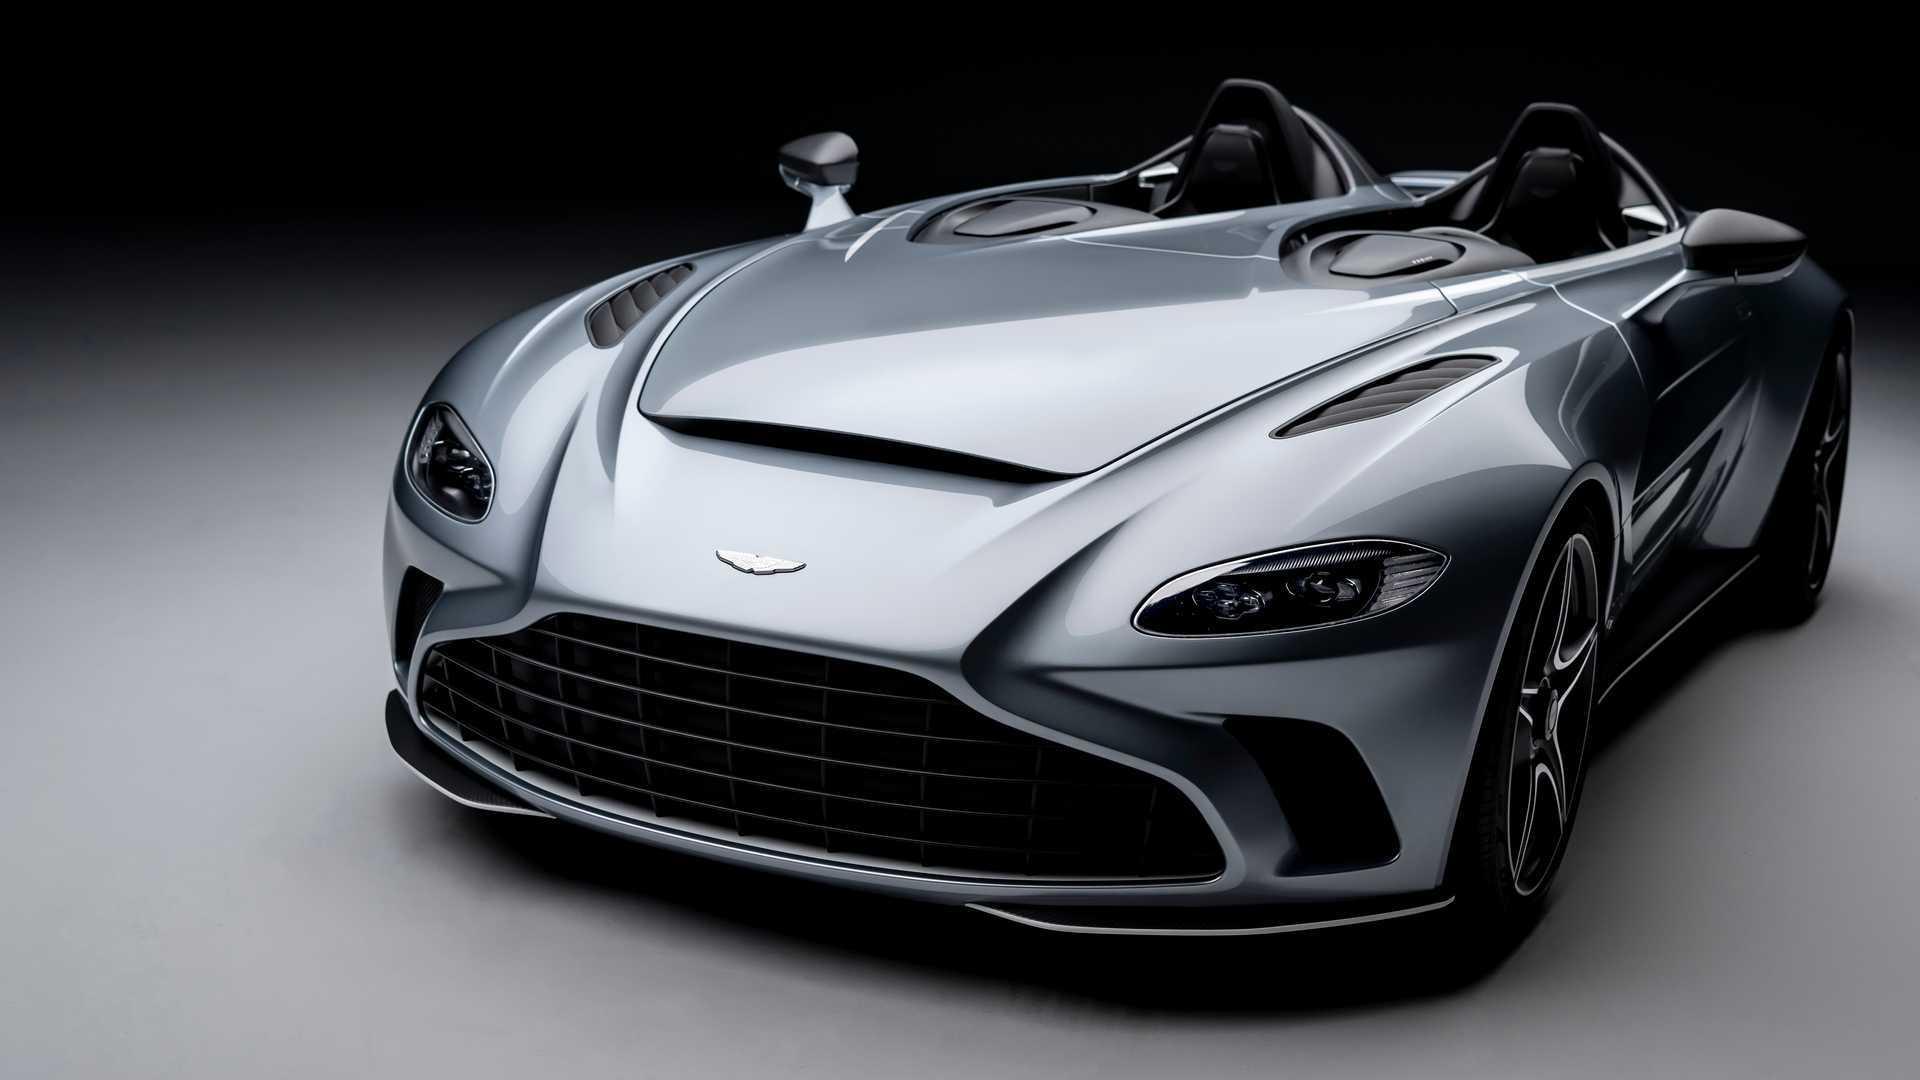 Rennteam 2 0 En Forum 2020 Aston Martin V12 Speedster Page1